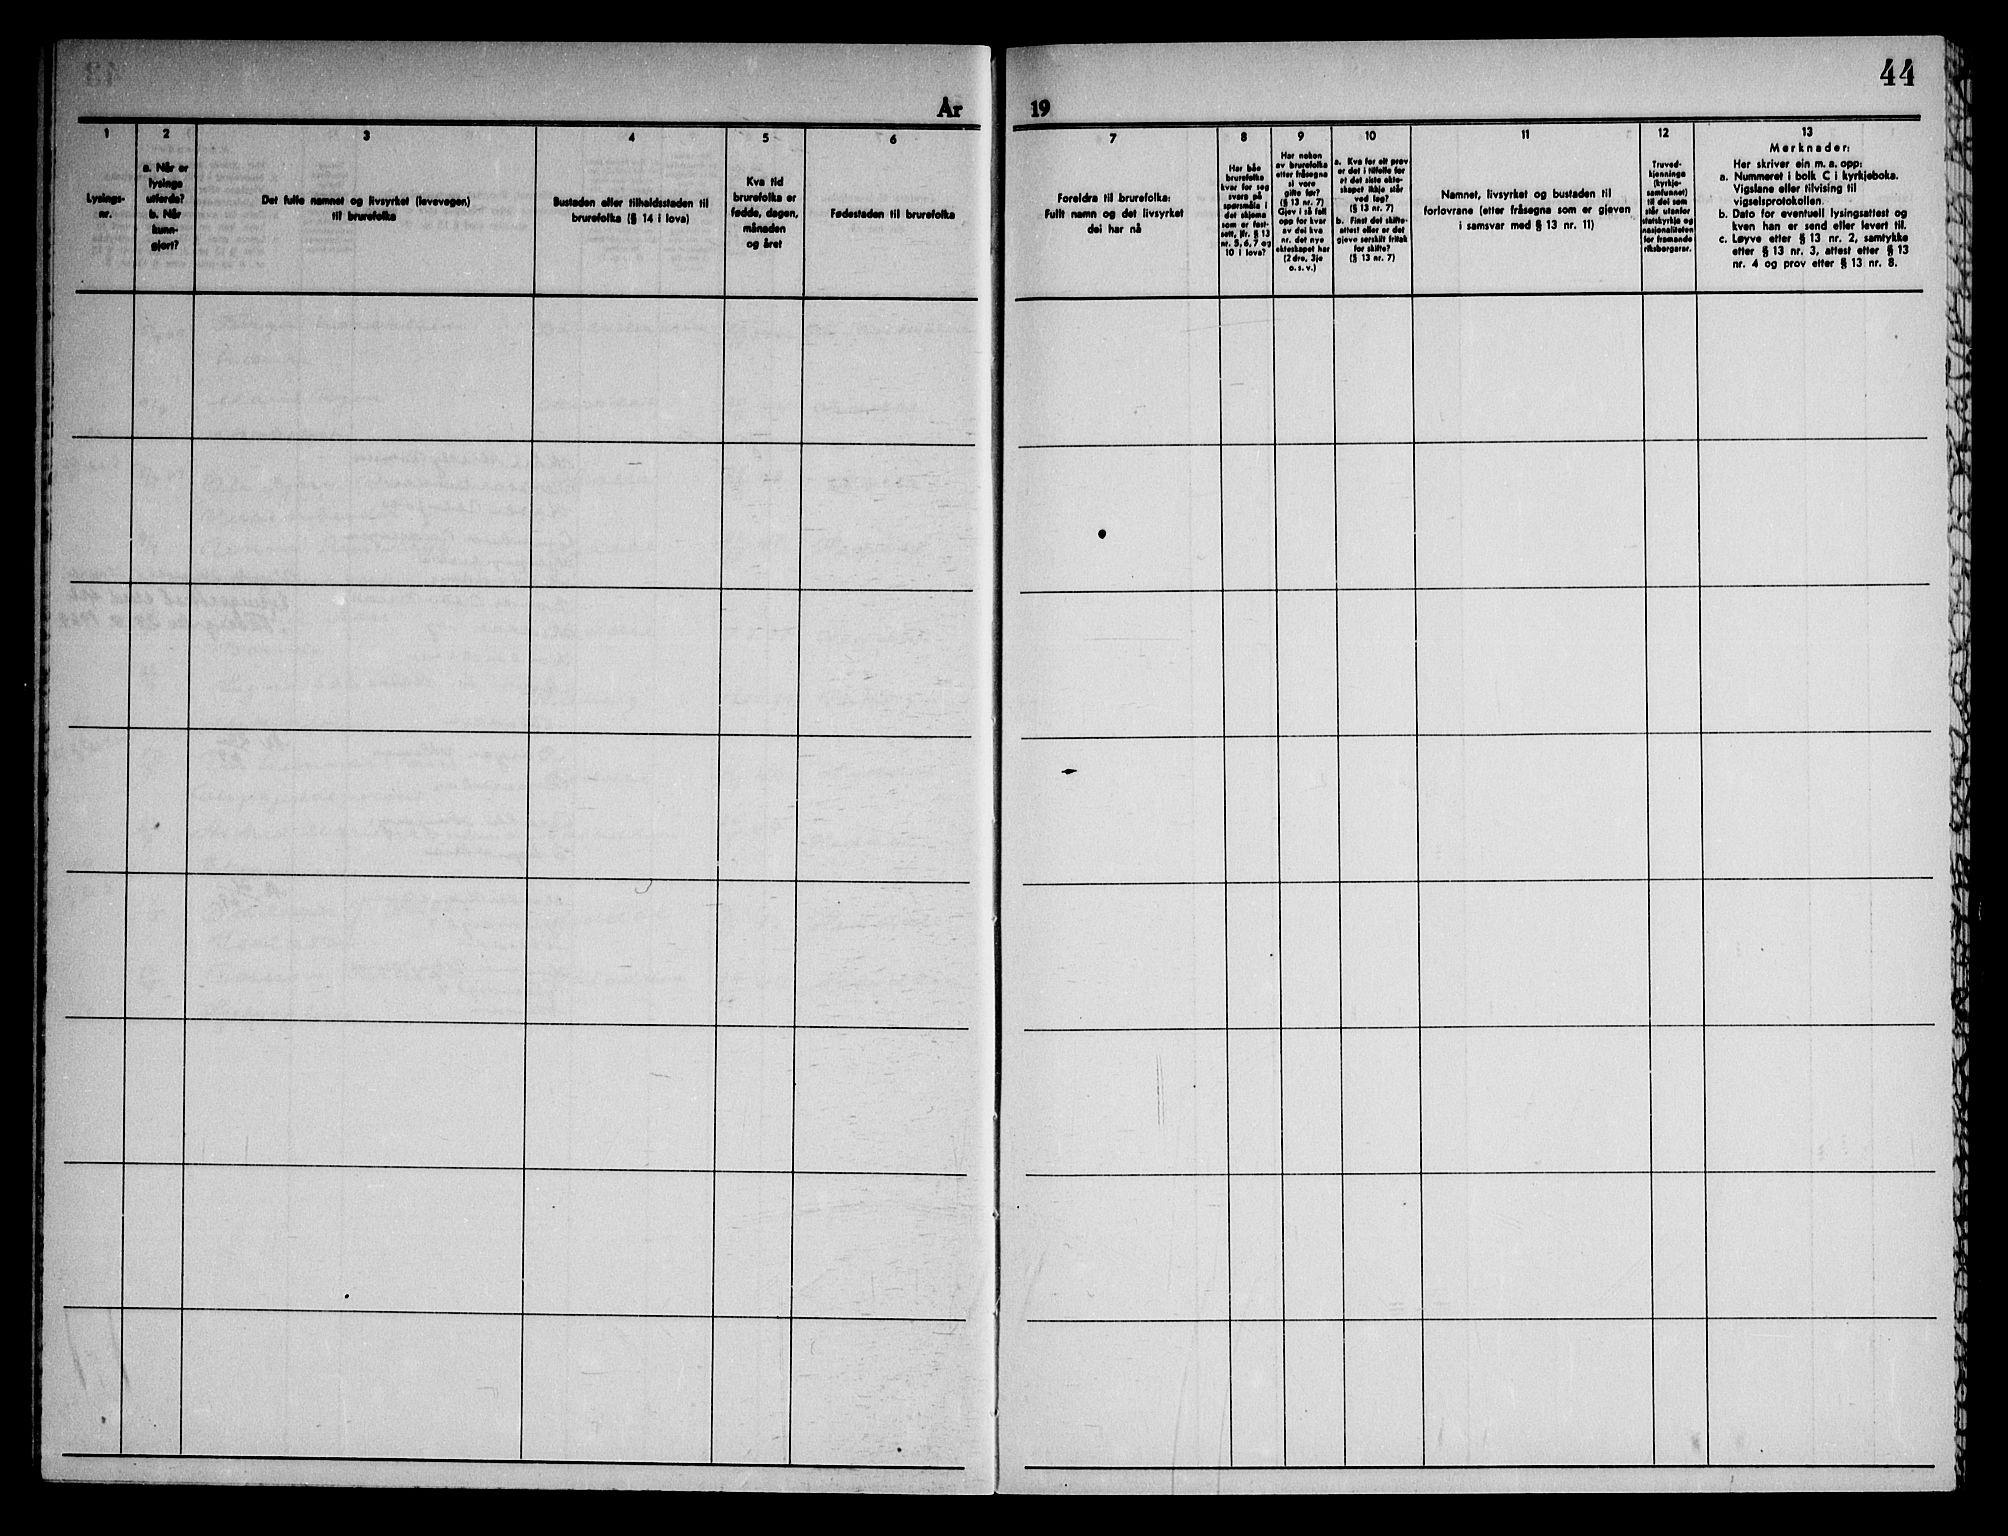 SAKO, Heddal kirkebøker, H/Ha/L0003: Lysningsprotokoll nr. 3, 1959-1969, s. 44